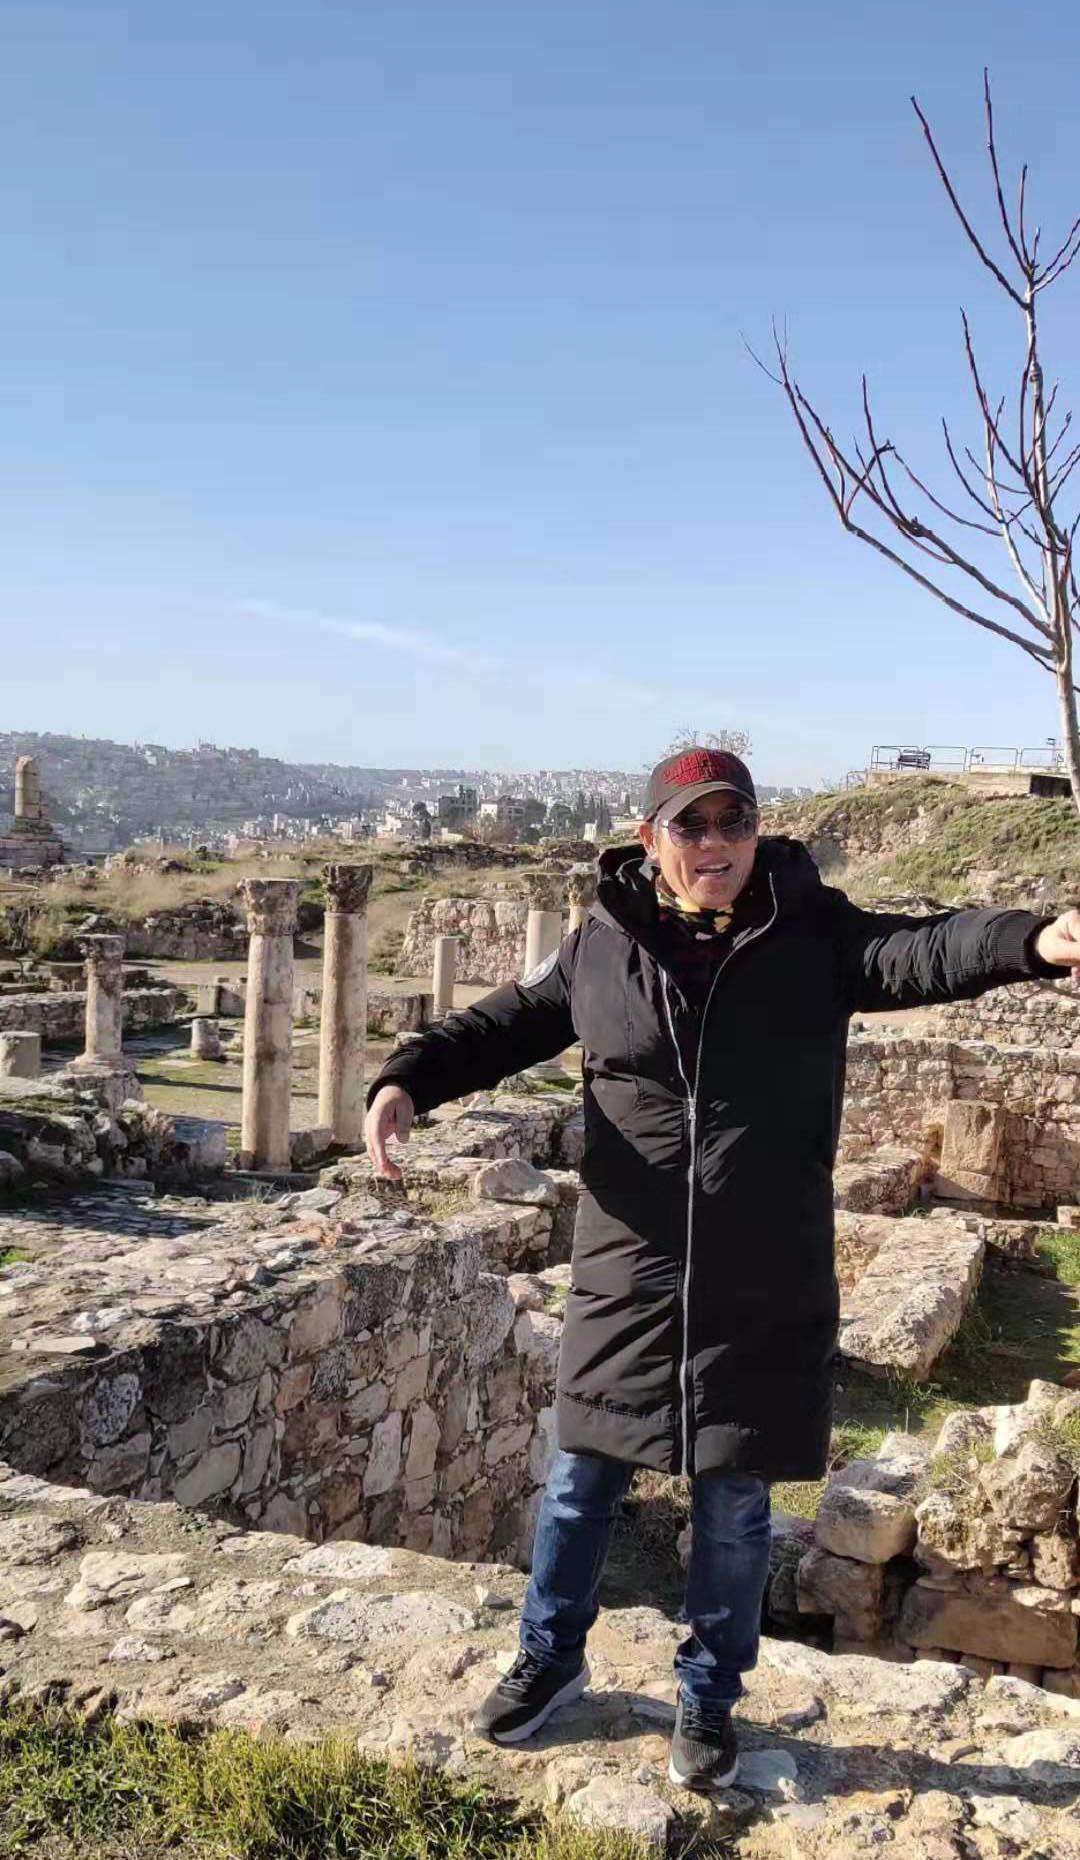 周逢俊照片在约旦安曼城堡山